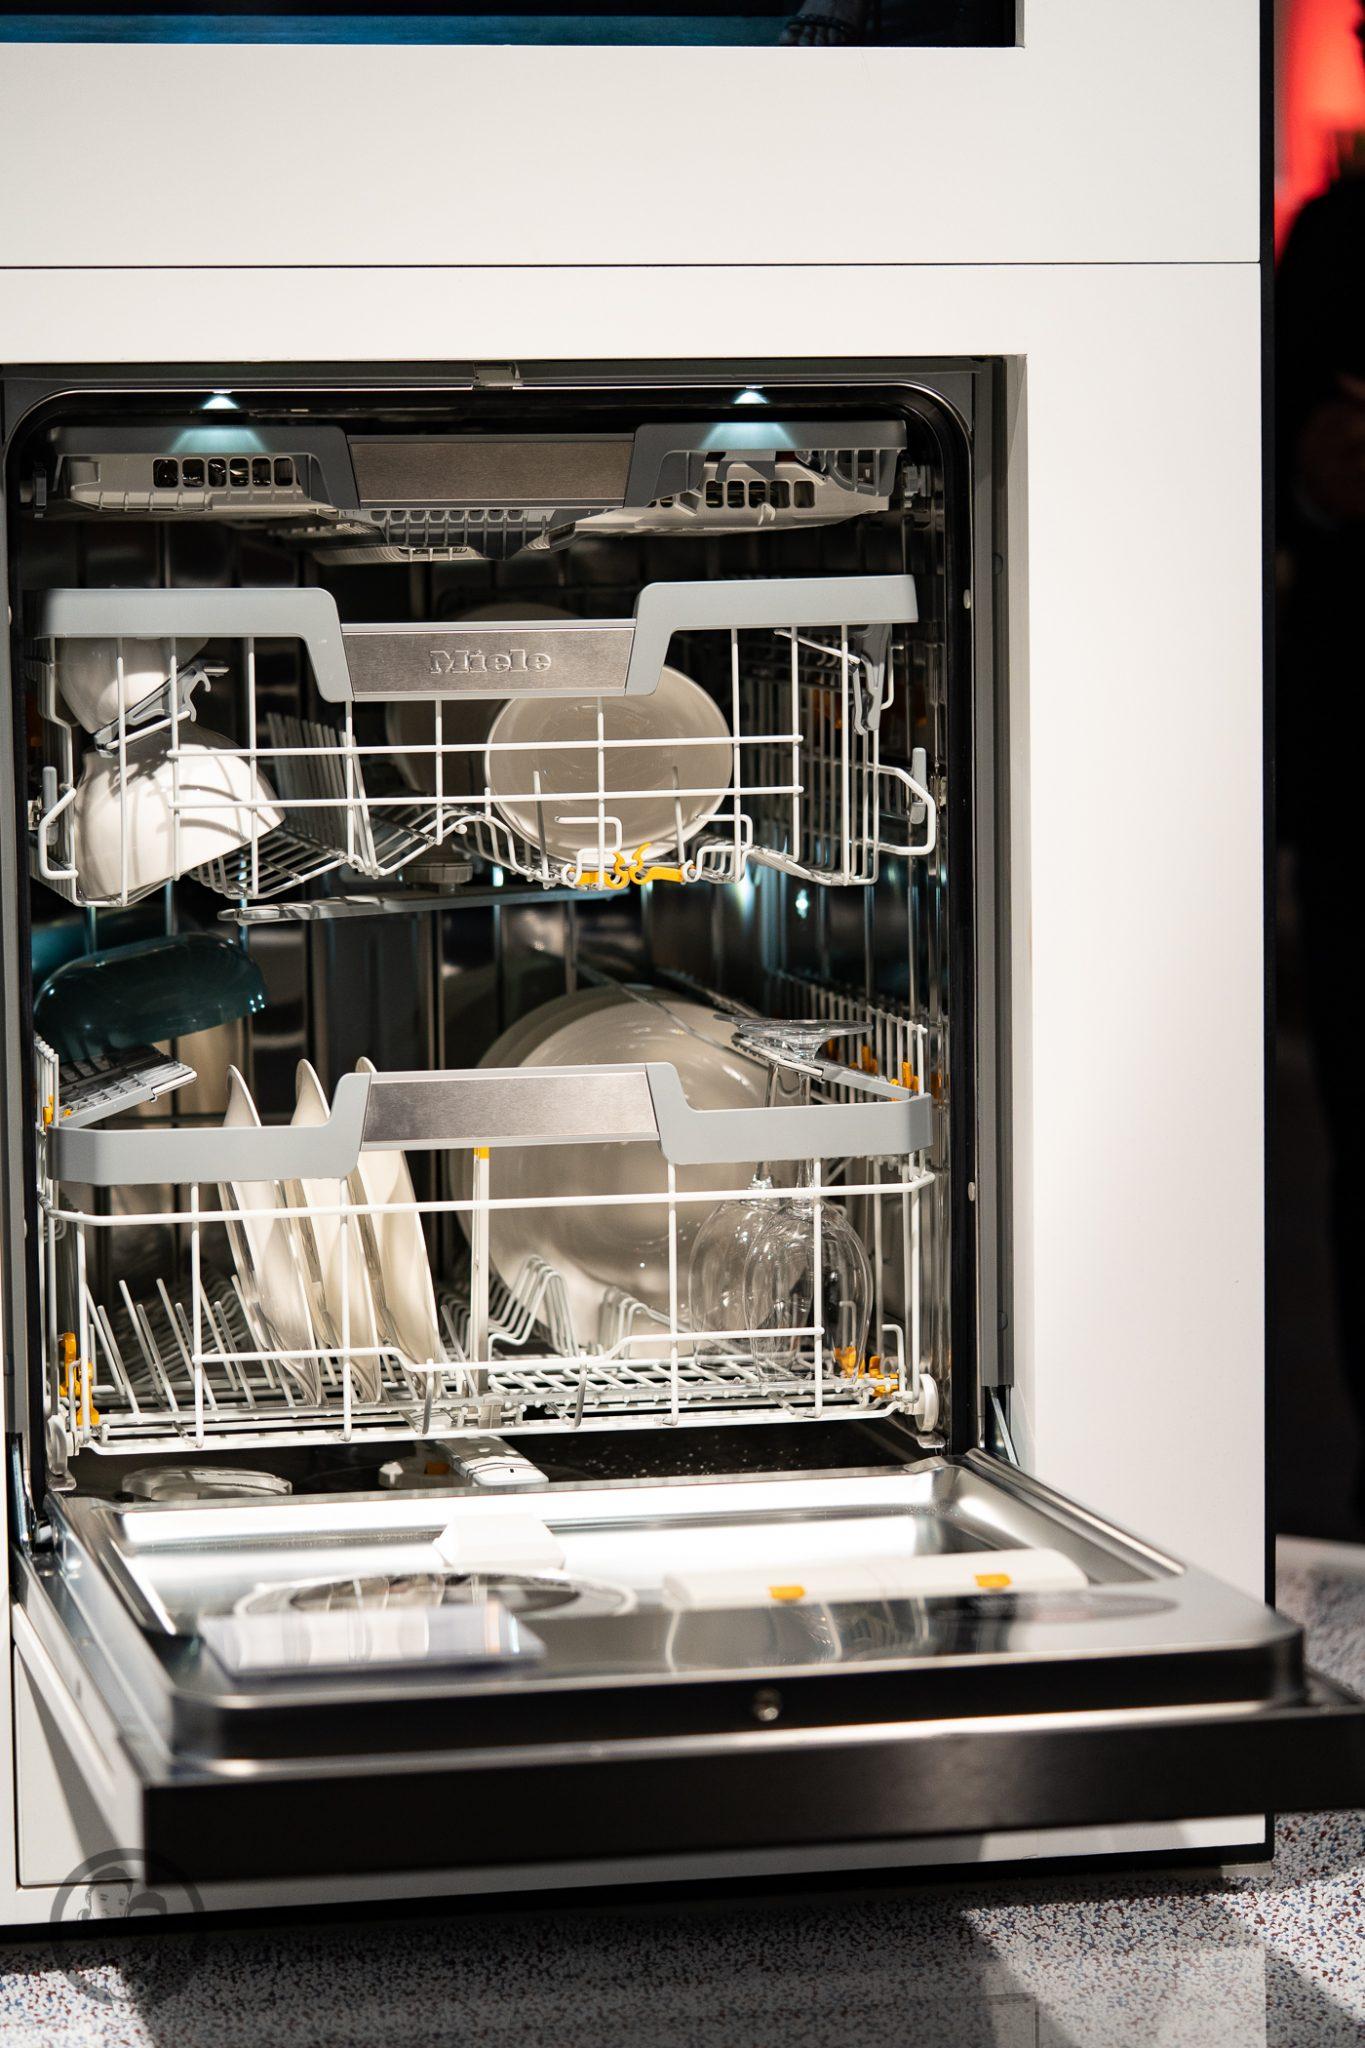 Küchenmeile mW 18 | Wie ihr ja bestimmt wisst, sind wir seit diesem Jahr Kooperationspartner von Miele.Daher hatten wir das große Glück, den Messestand von Miele nicht nur auf der IFA, sondern auch auf der Küchenmeile in Rödinghausen zu besuchen. Dort konnten wir uns einen spannenden Eindruck der Miele Küchenneuheiten machen, aber auch von der restlichen Produktpalette. Da Küchenequipment für alle Koch- und Backbegeisterten auch ein großes Thema ist, möchten wir euch gerne an unserem Besuch teilhaben lassen.